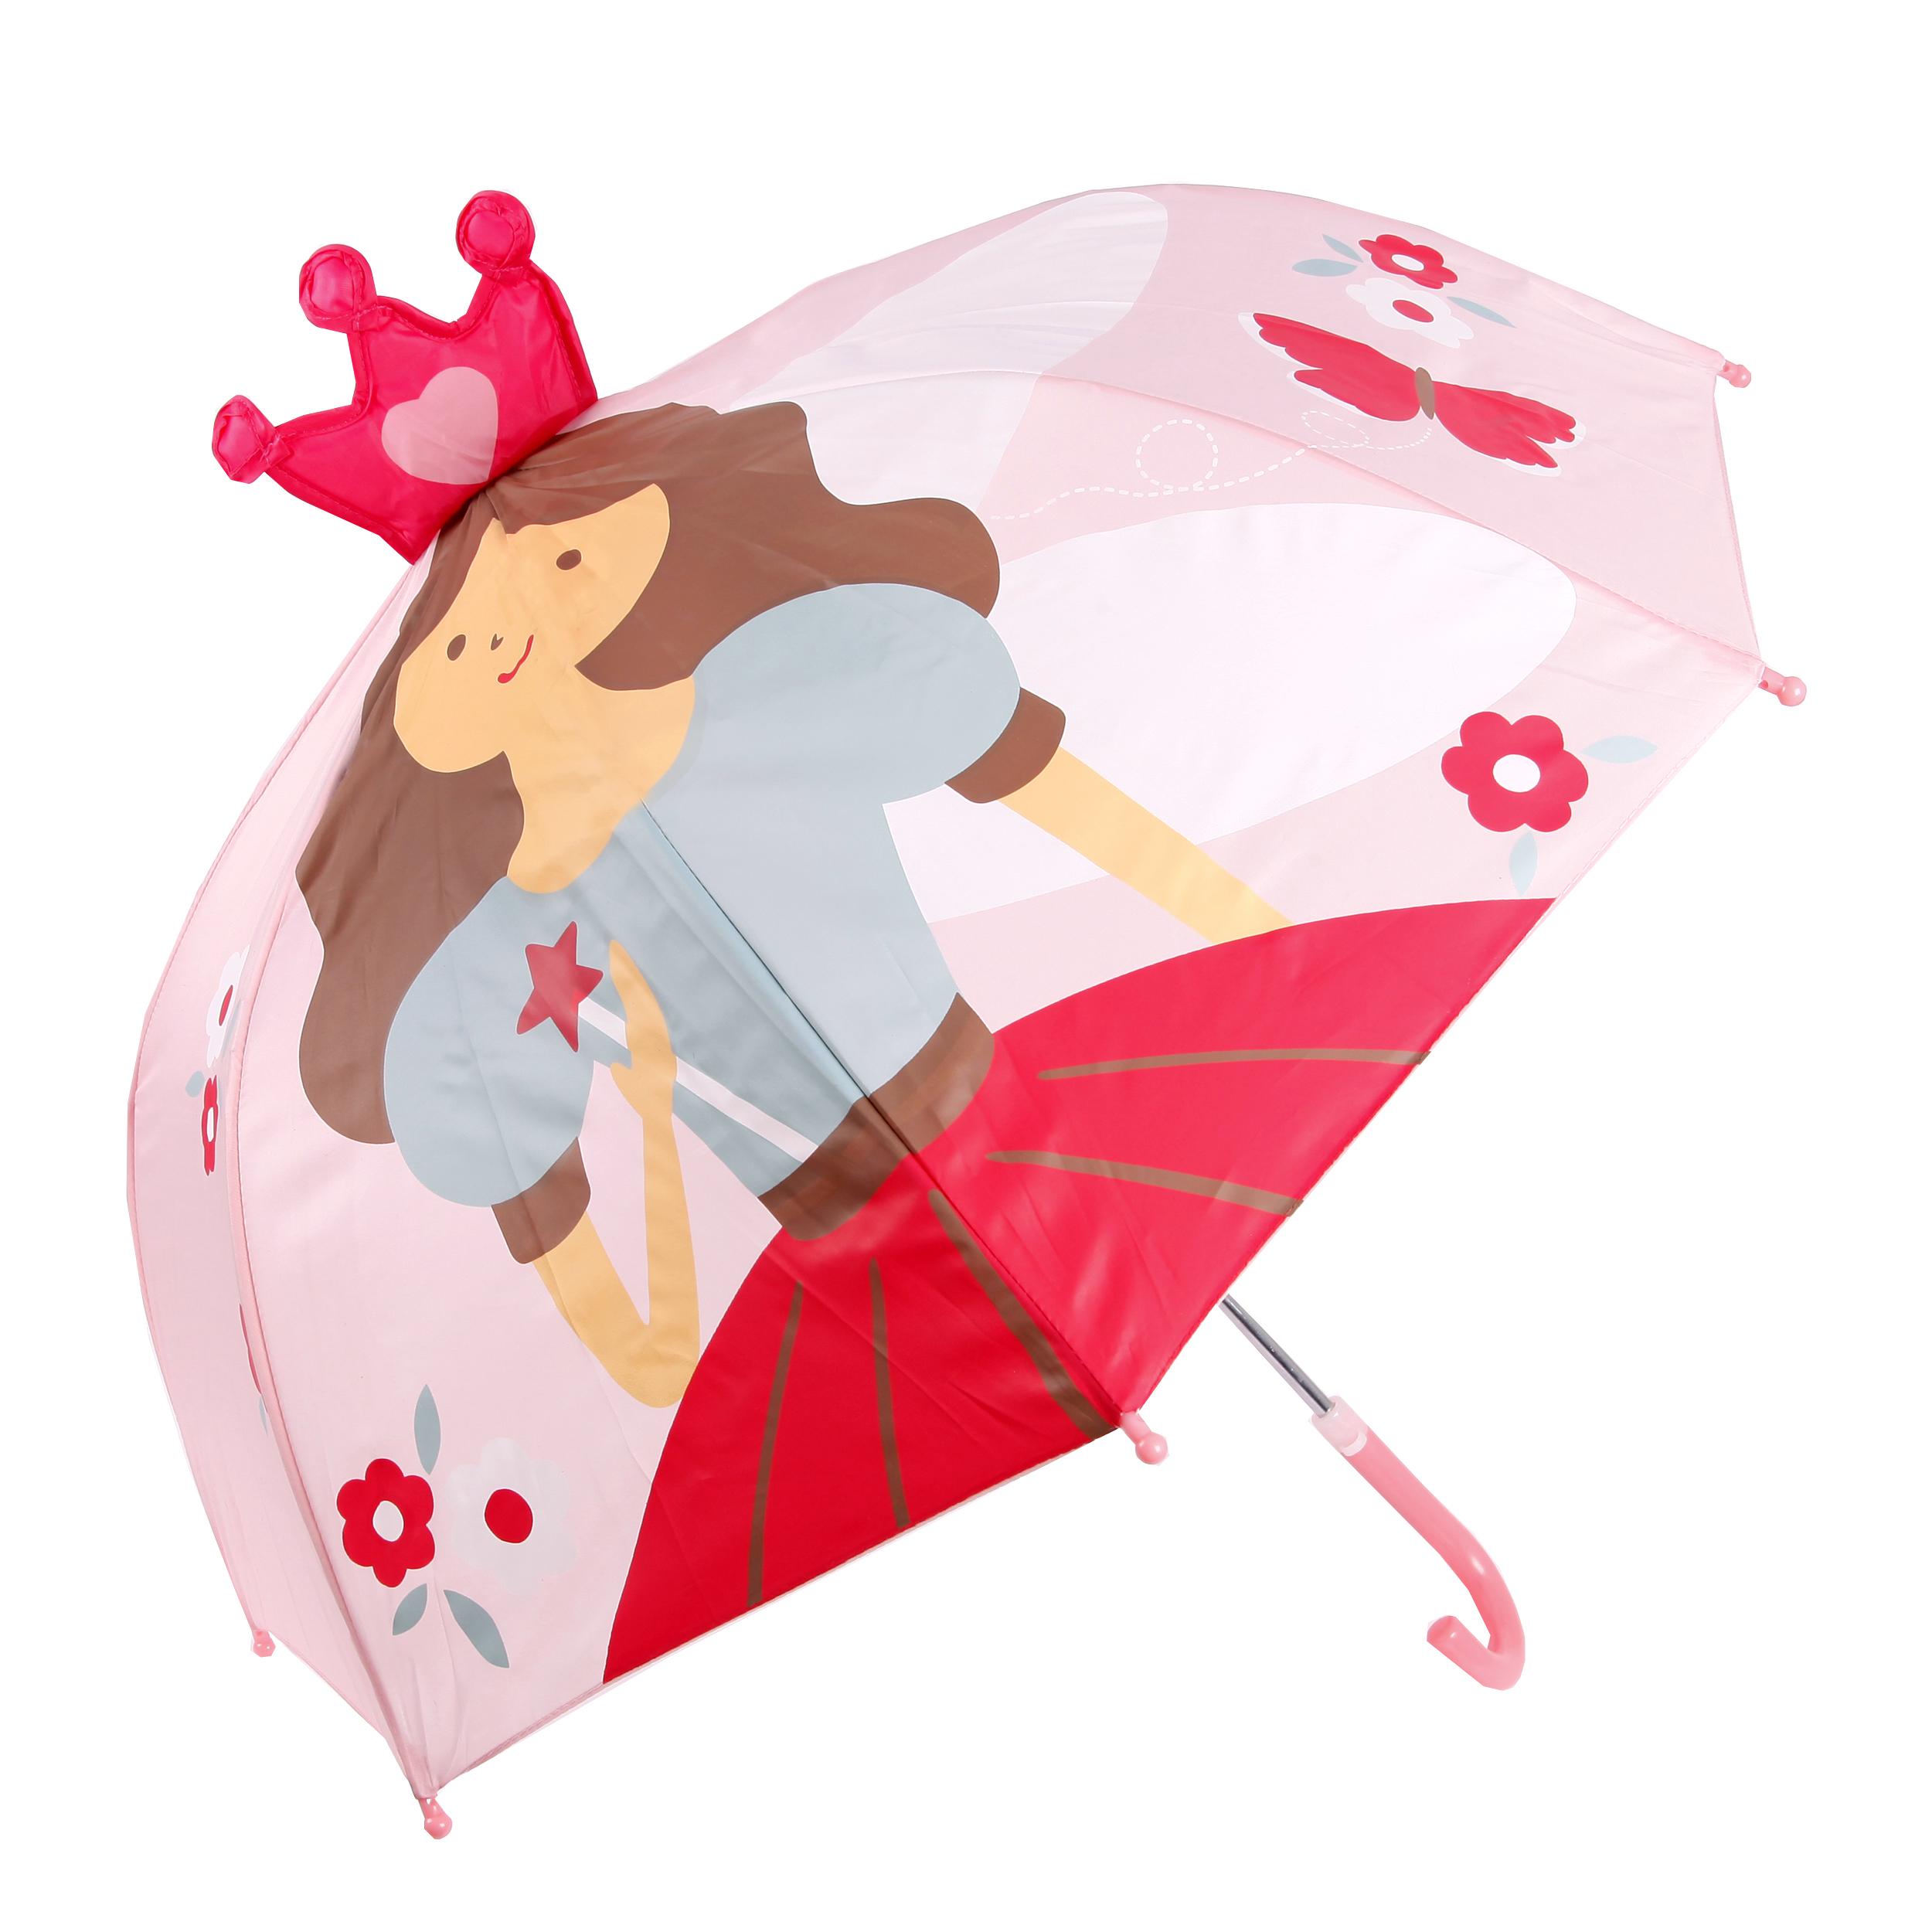 Купить Зонты, Принцесса, 46 см, Mary Poppins, Китай, розовый, красный, голубой, коричневый, Женский